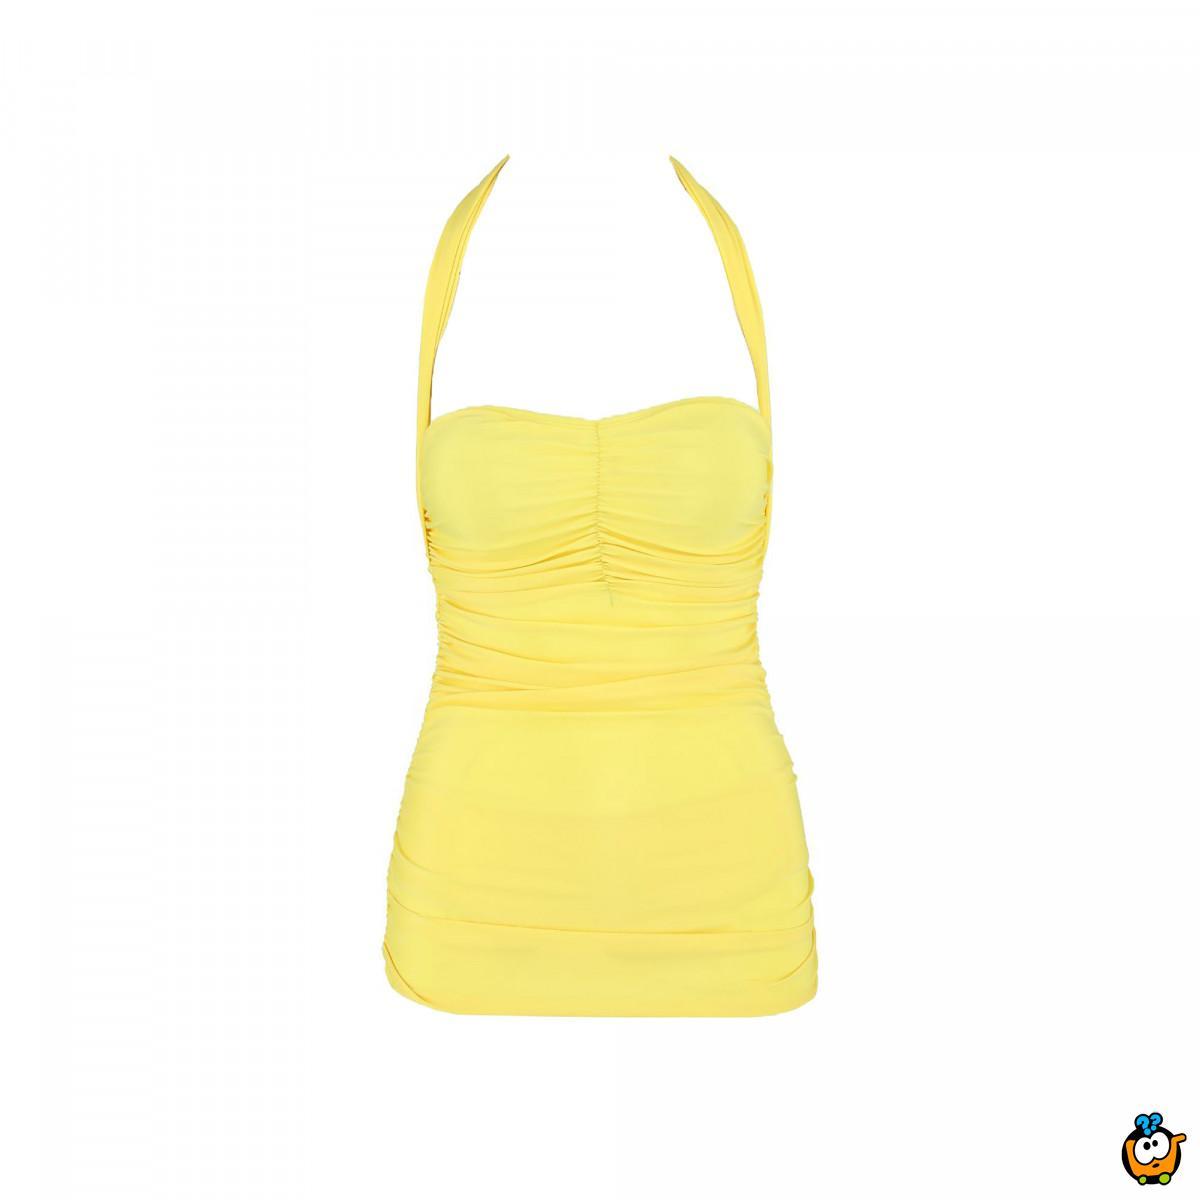 Jednodelni ženski kupaći kostim - ELENOR YELLOW